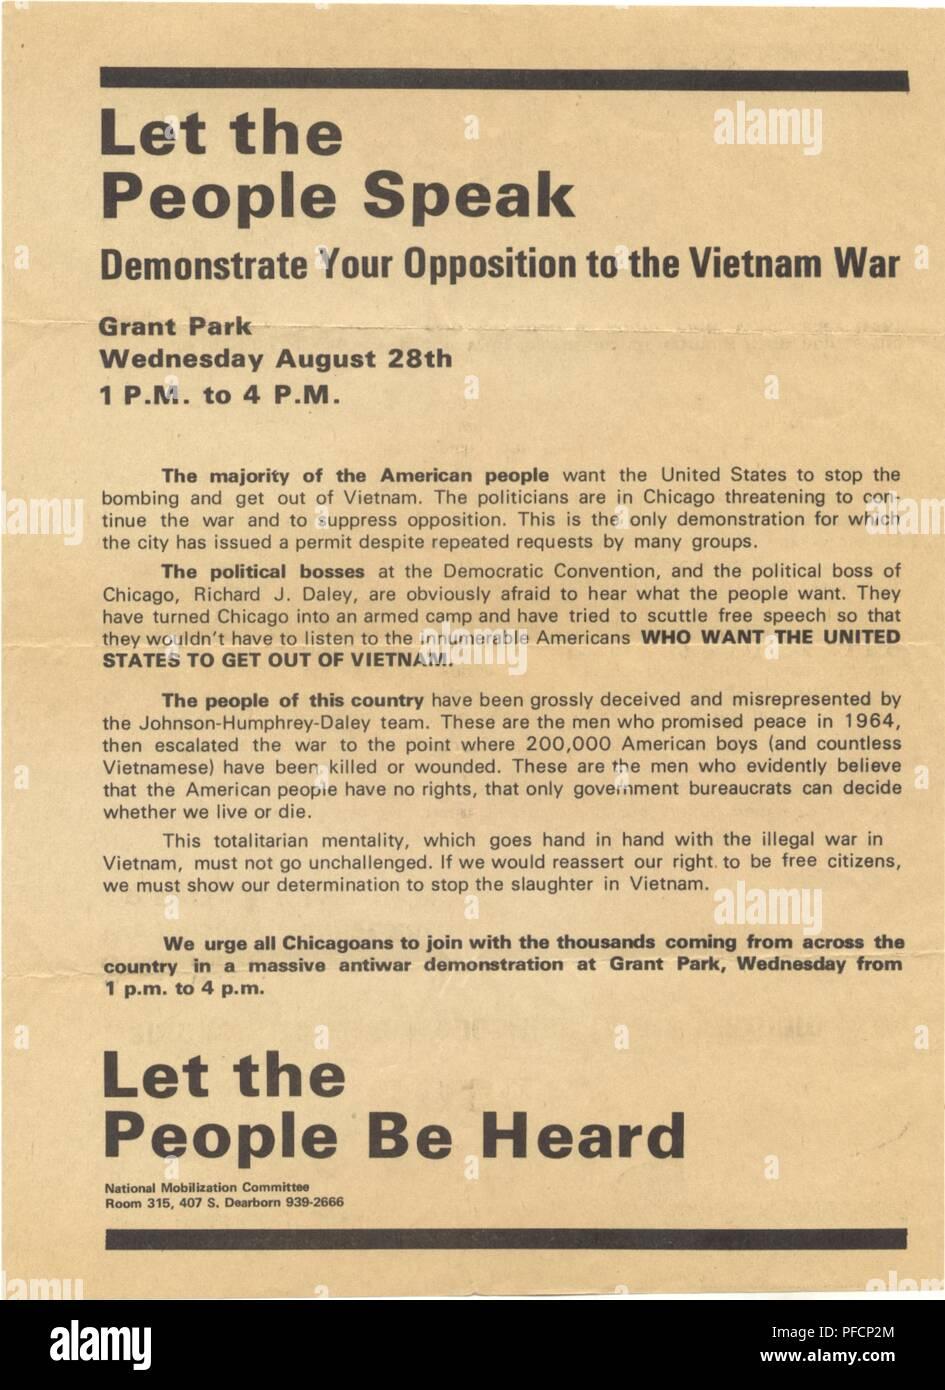 Un flyer invitando i manifestanti per la famigerata dimostrazione presso il 1968 Convenzione Nazionale Democratica a Chicago, Illinois, che ha portato alla violenza tra dimostranti e polizia, 1968. () Immagini Stock